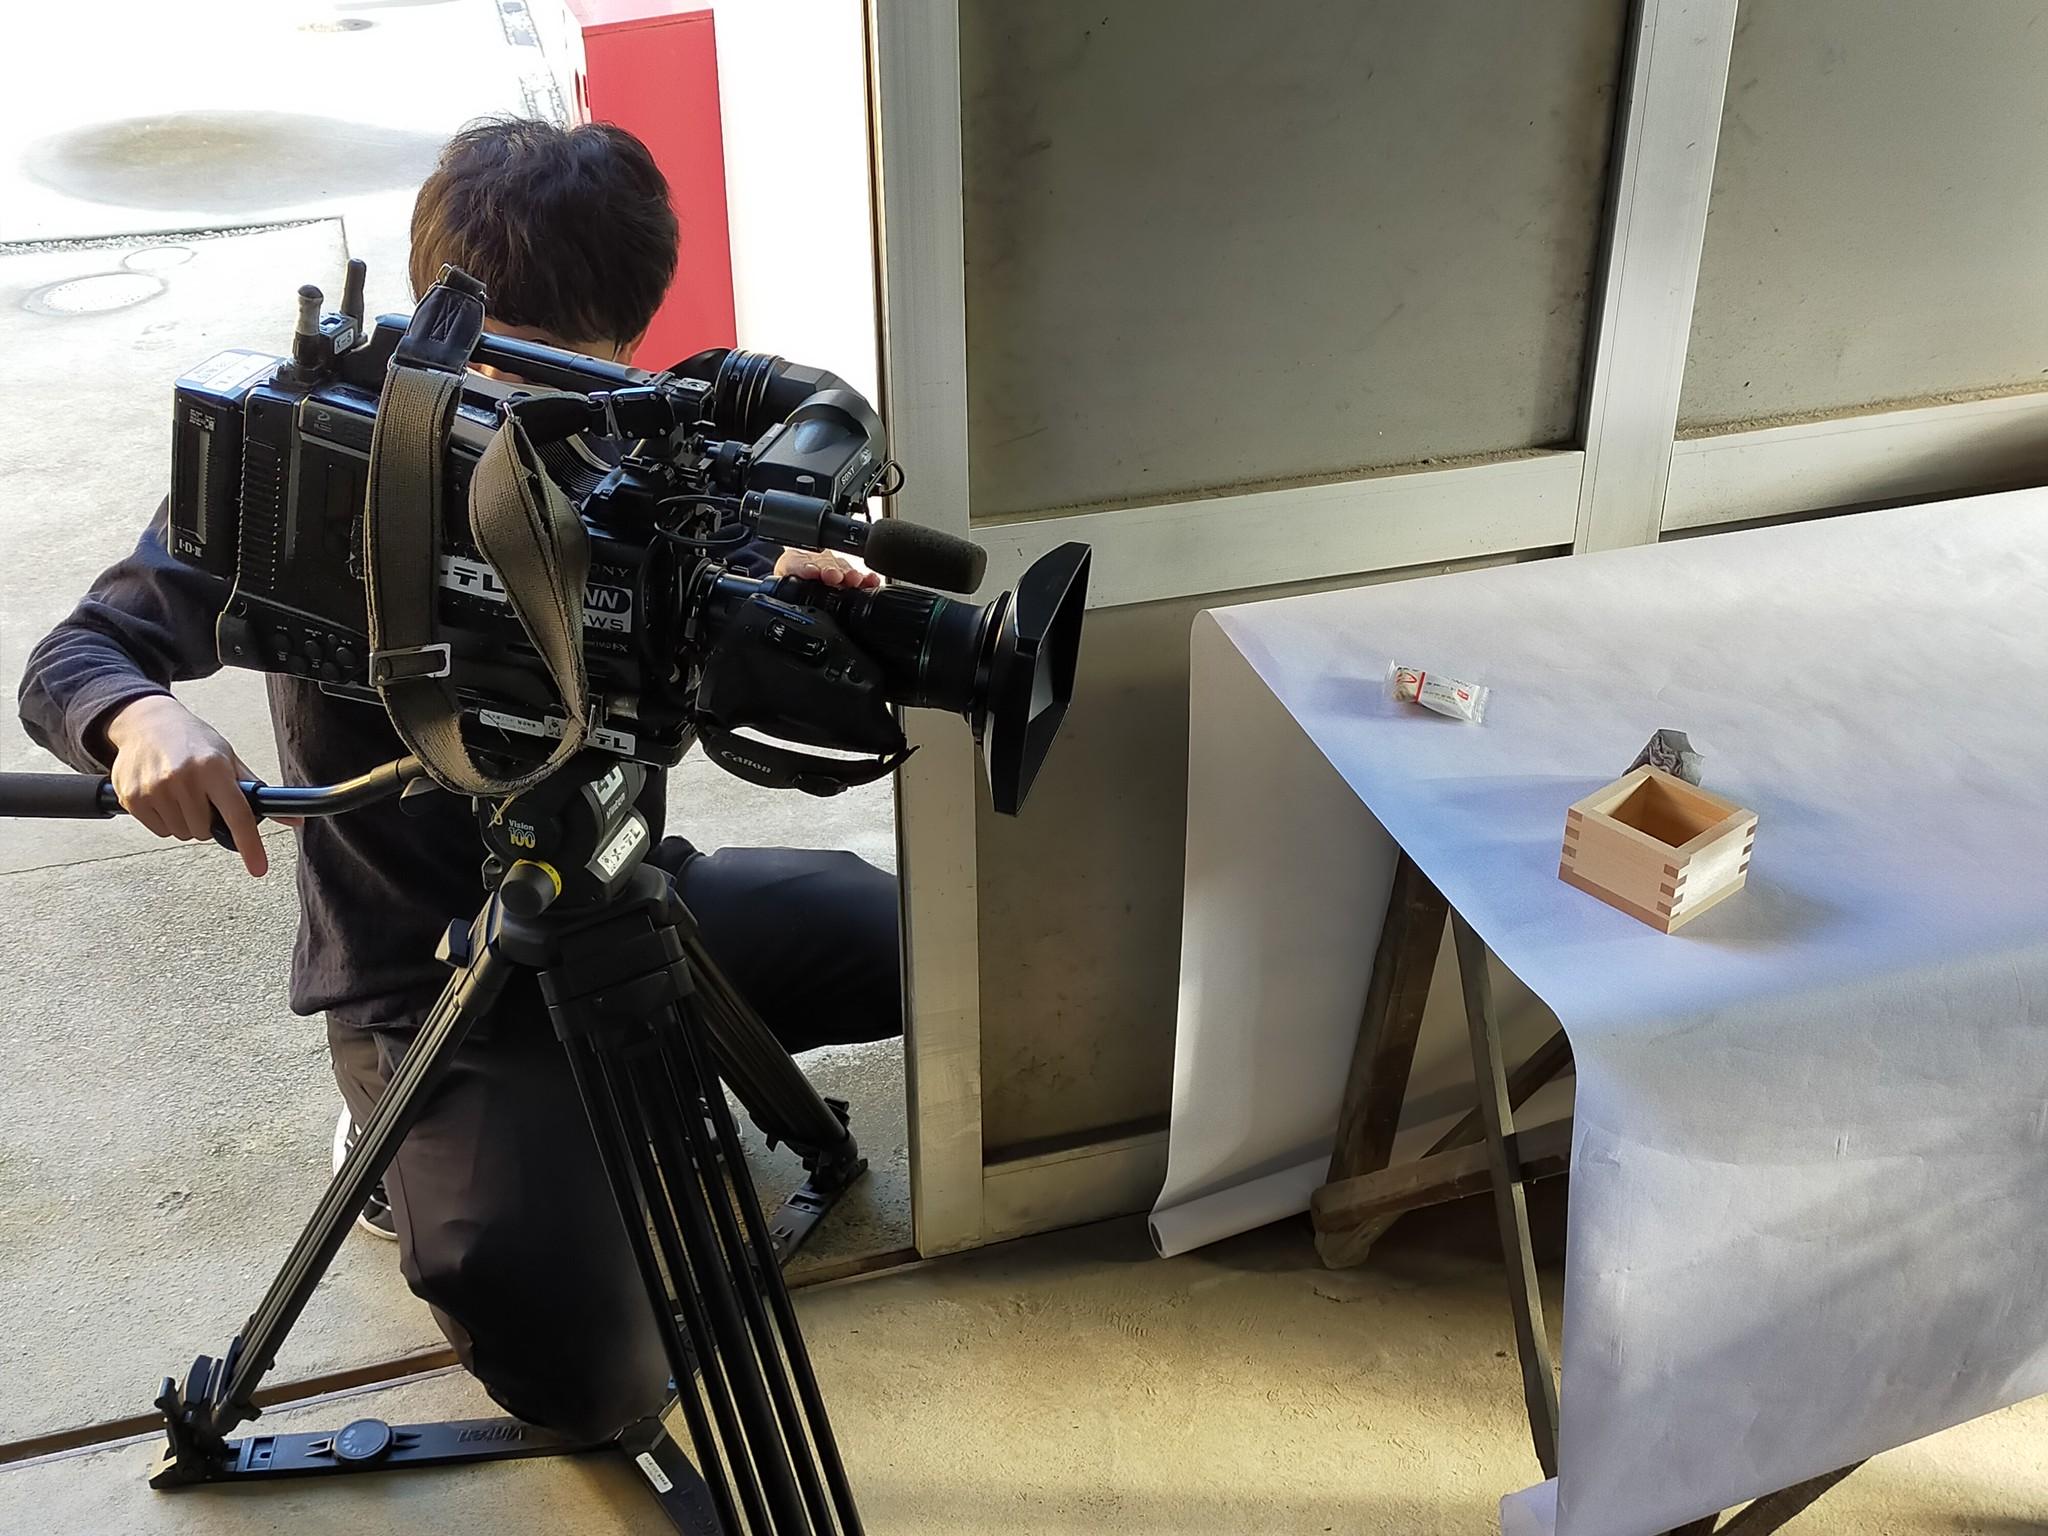 1月13日のメ~テレ(名古屋テレビ)とYahoo!ニュースに取り上げられました!